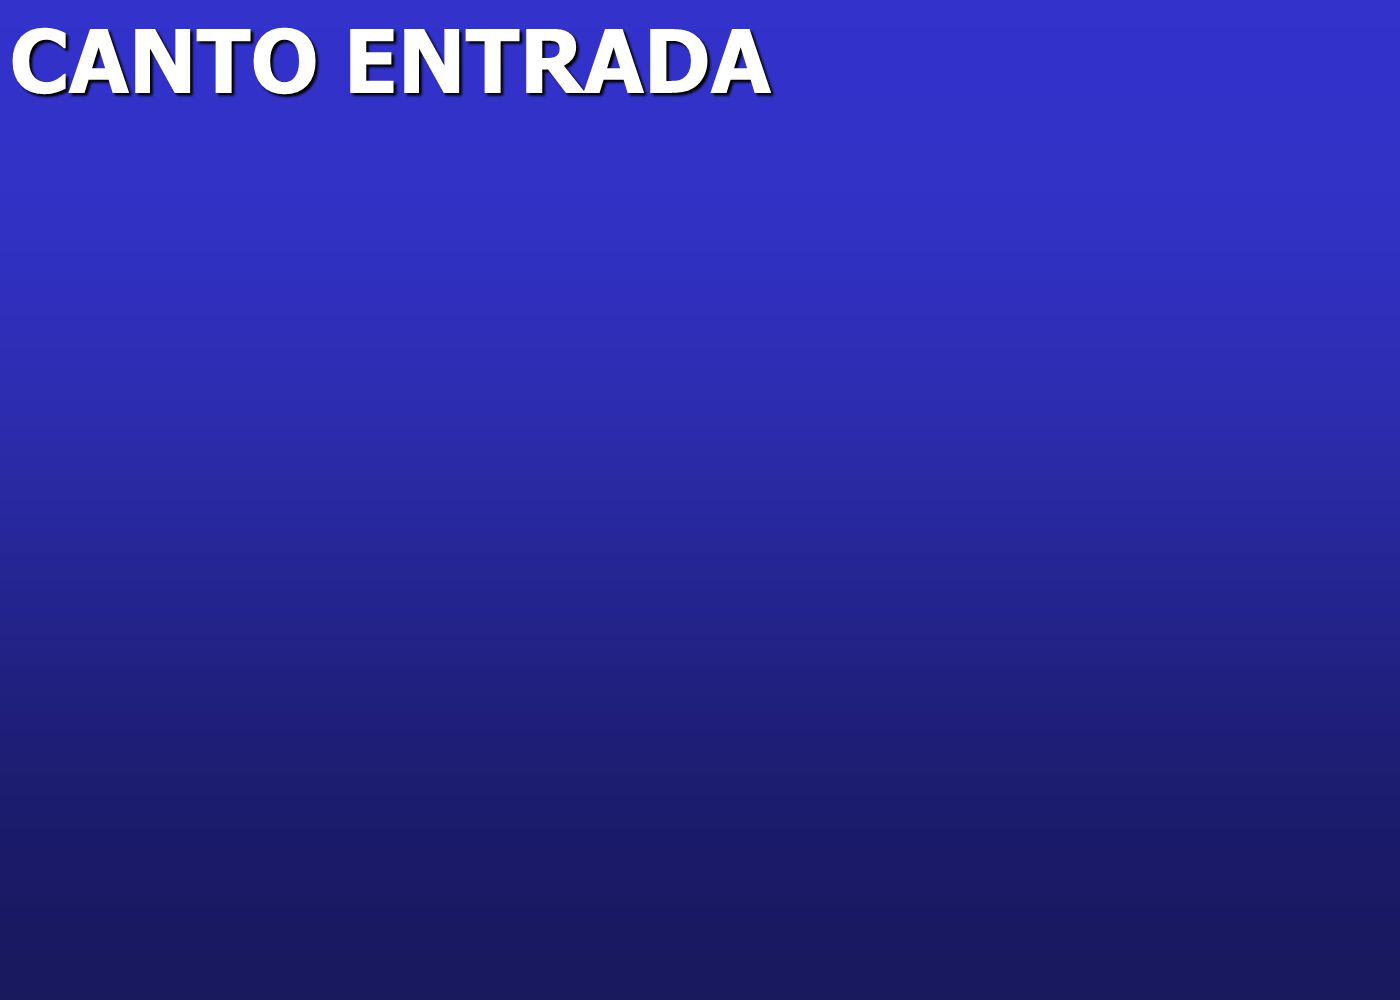 CANTO ENTRADA